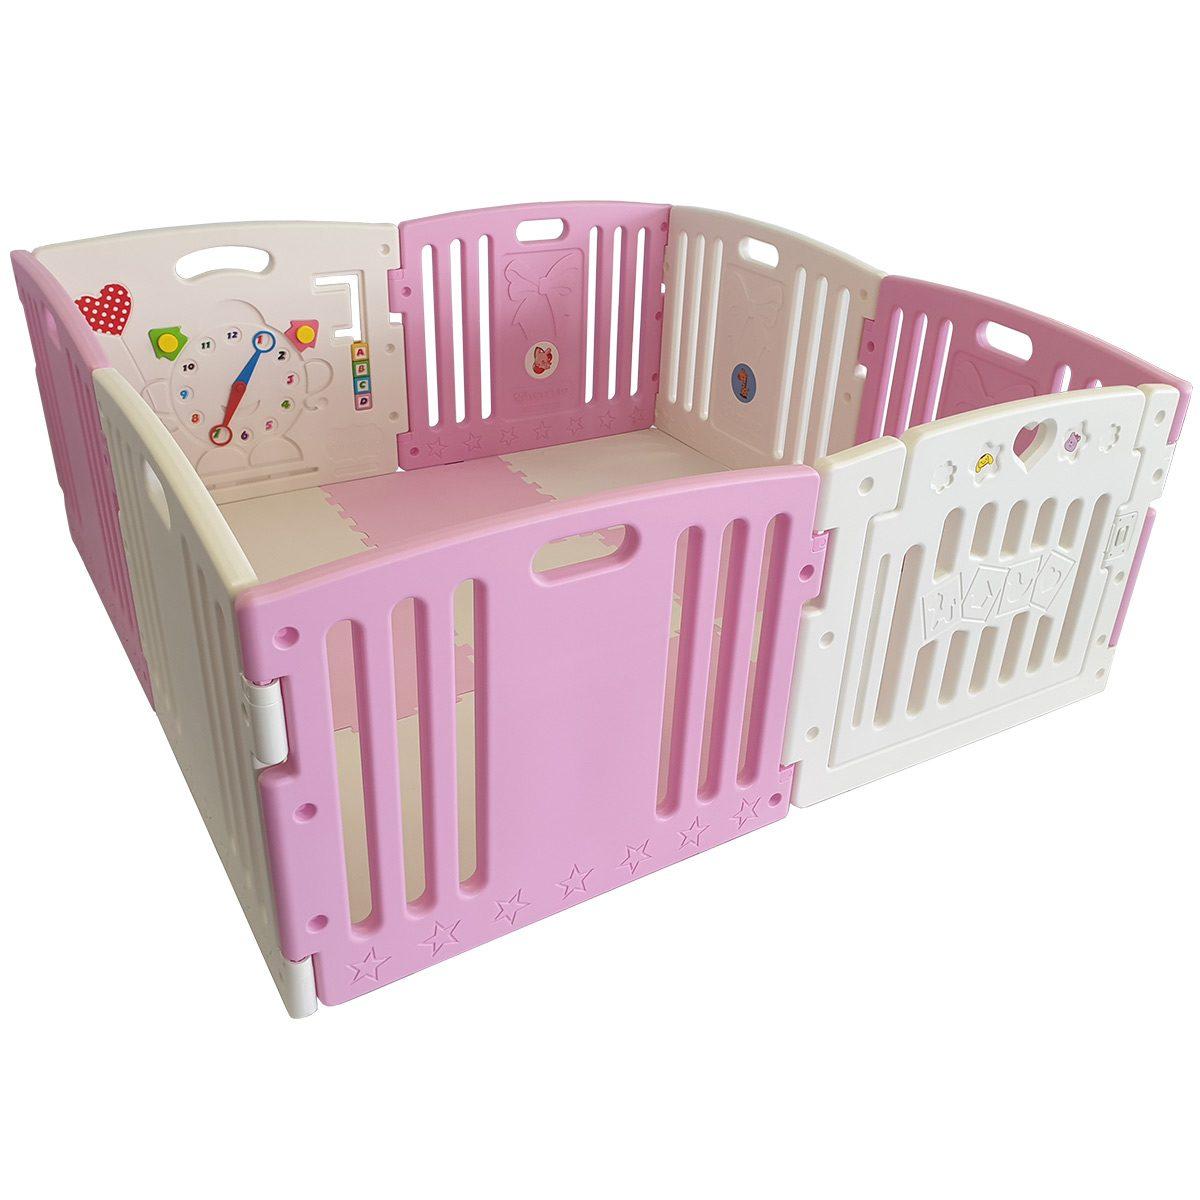 Venture All Stars DUO baby playpen in pink